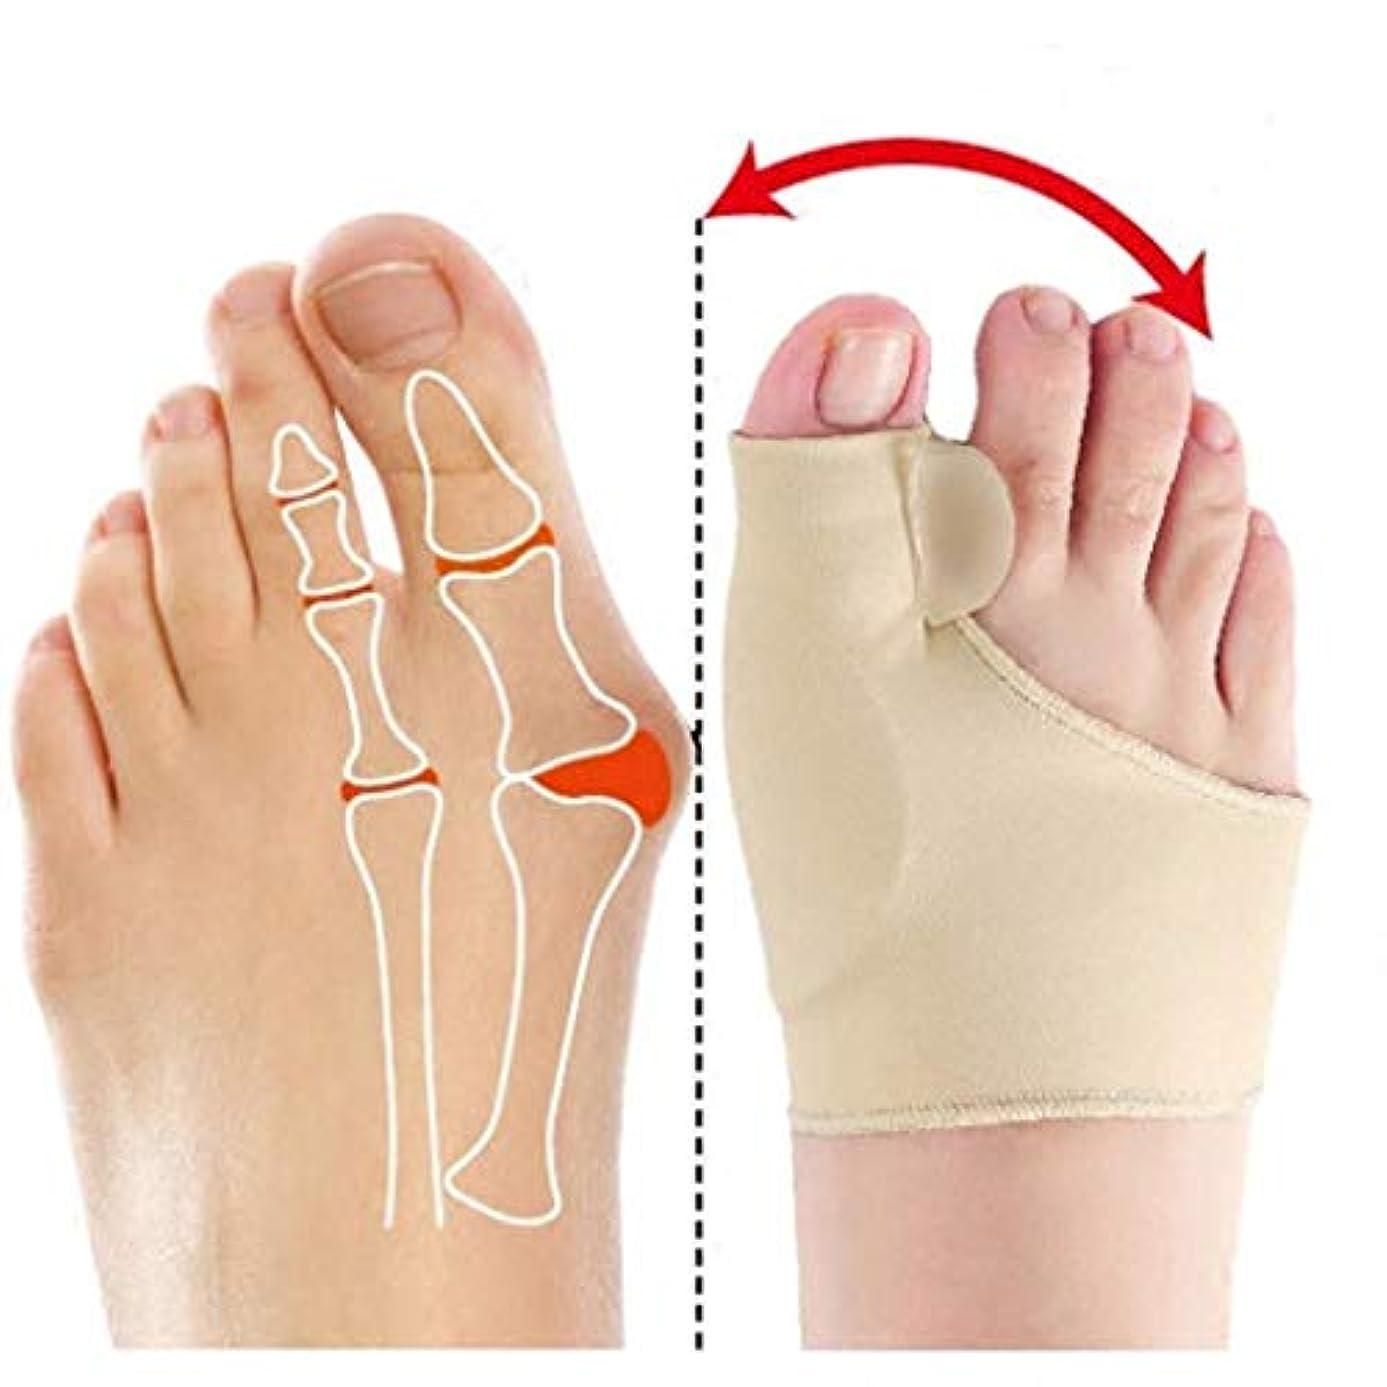 騒診断する池Dyong Thumb Toe Corrector Big Toe Straightener Toe Pain Relief Sleeve、Bunion Splint Support Sleeve with Built-in...